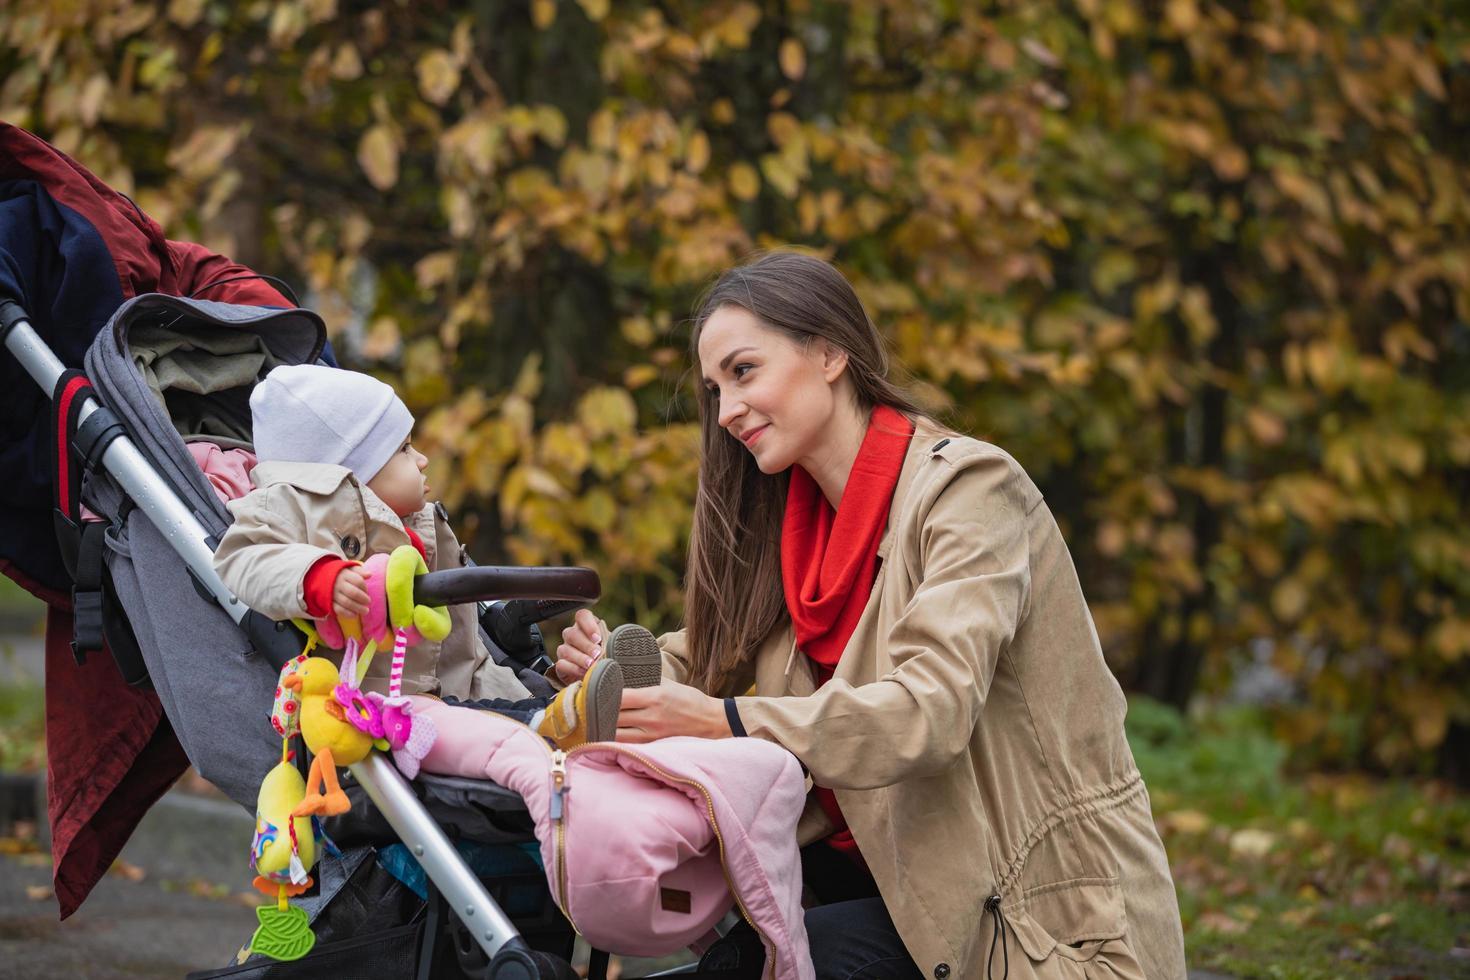 la madre está poniendo zapatos pequeños a su bebé en el parque de otoño foto